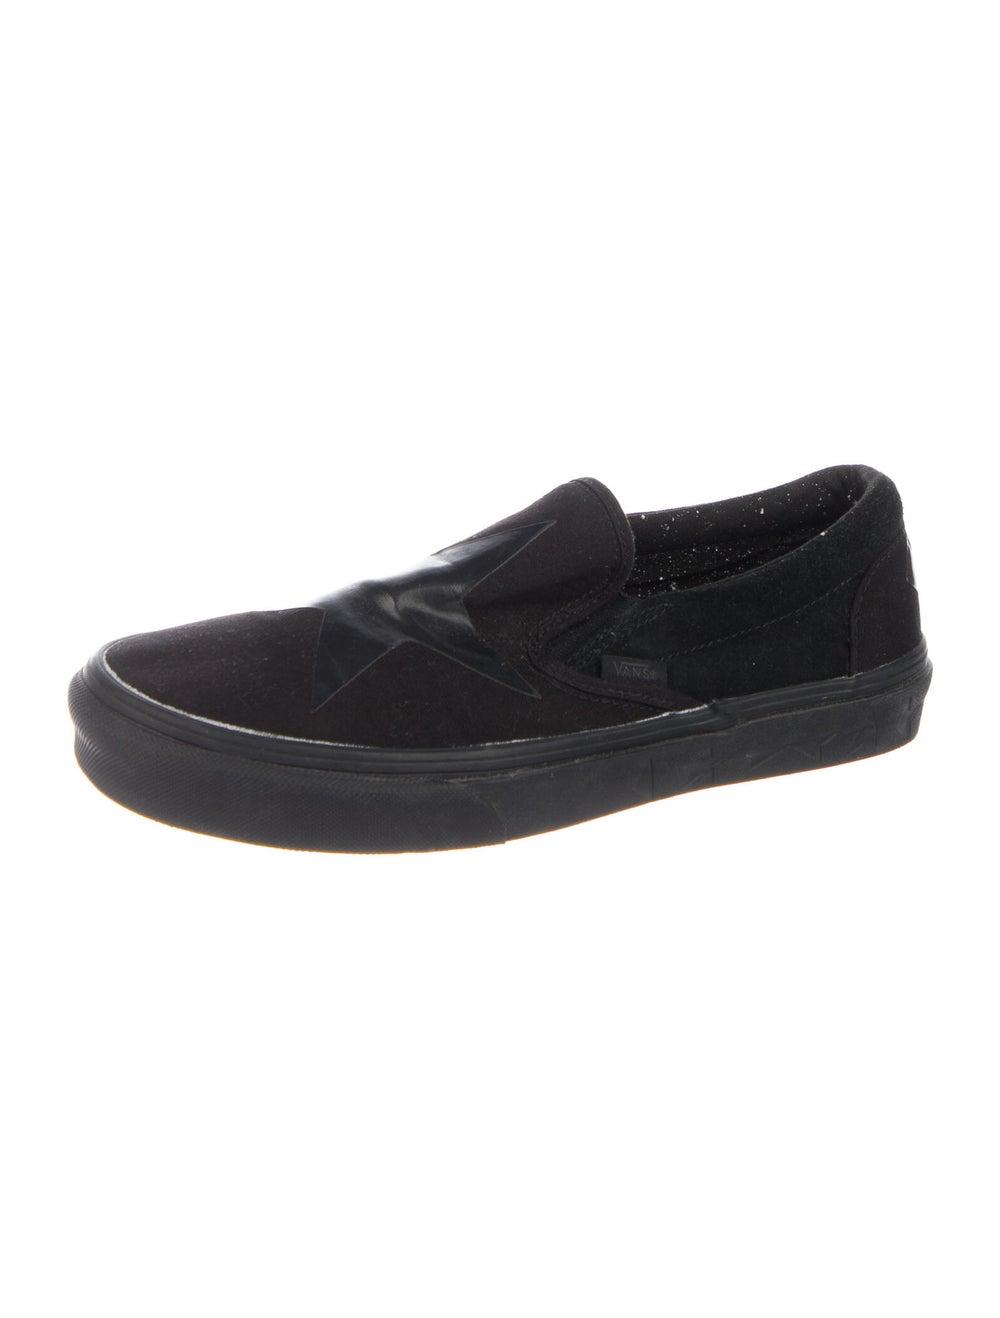 Vans x David Bowie Sneakers Black - image 2